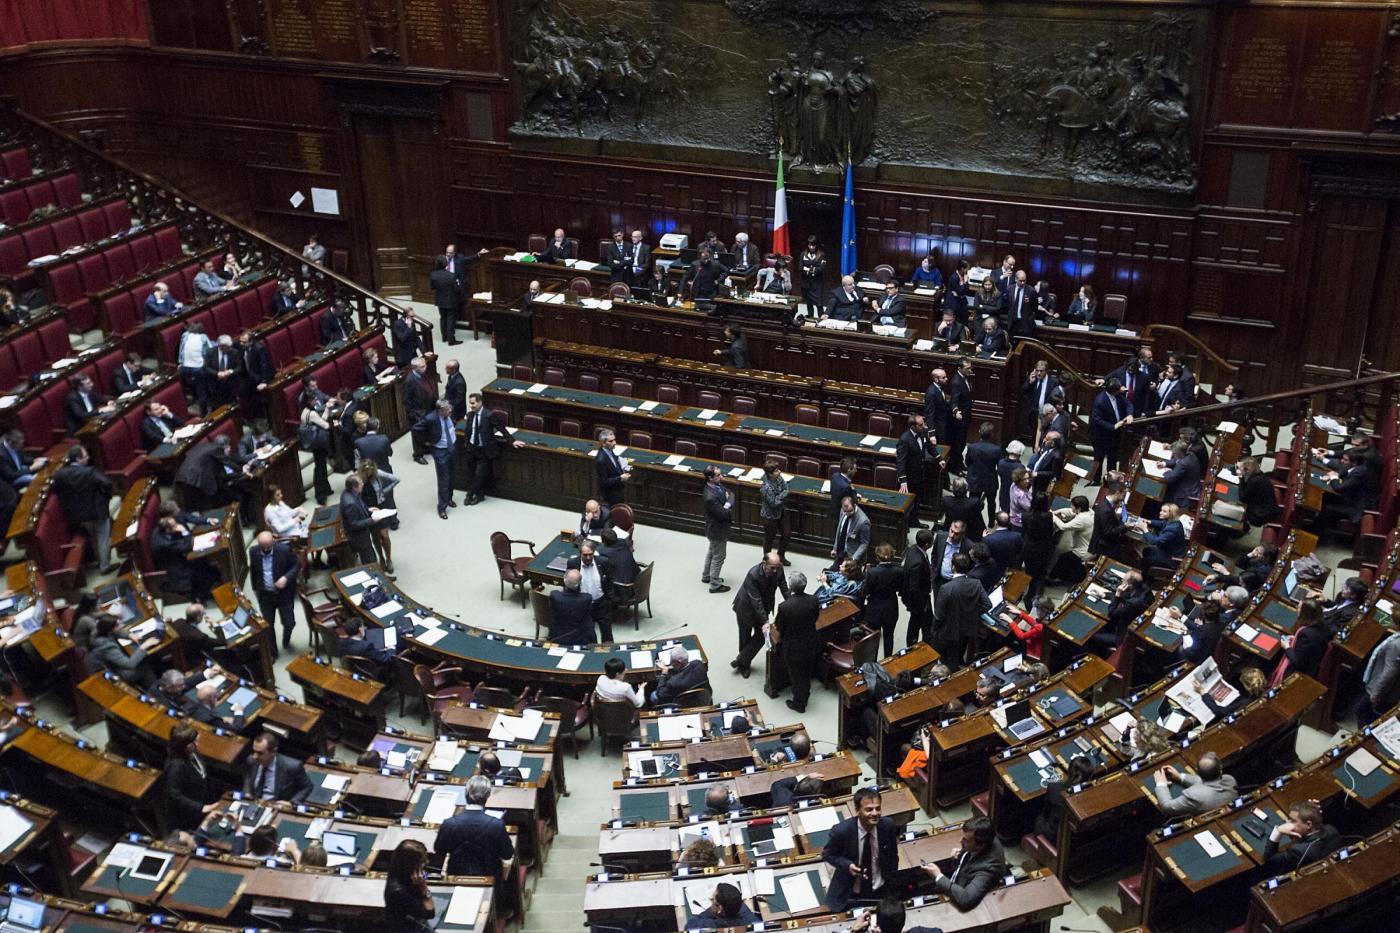 Taglio agli stipendi dei dipendenti del parlamento for Dipendenti camera dei deputati